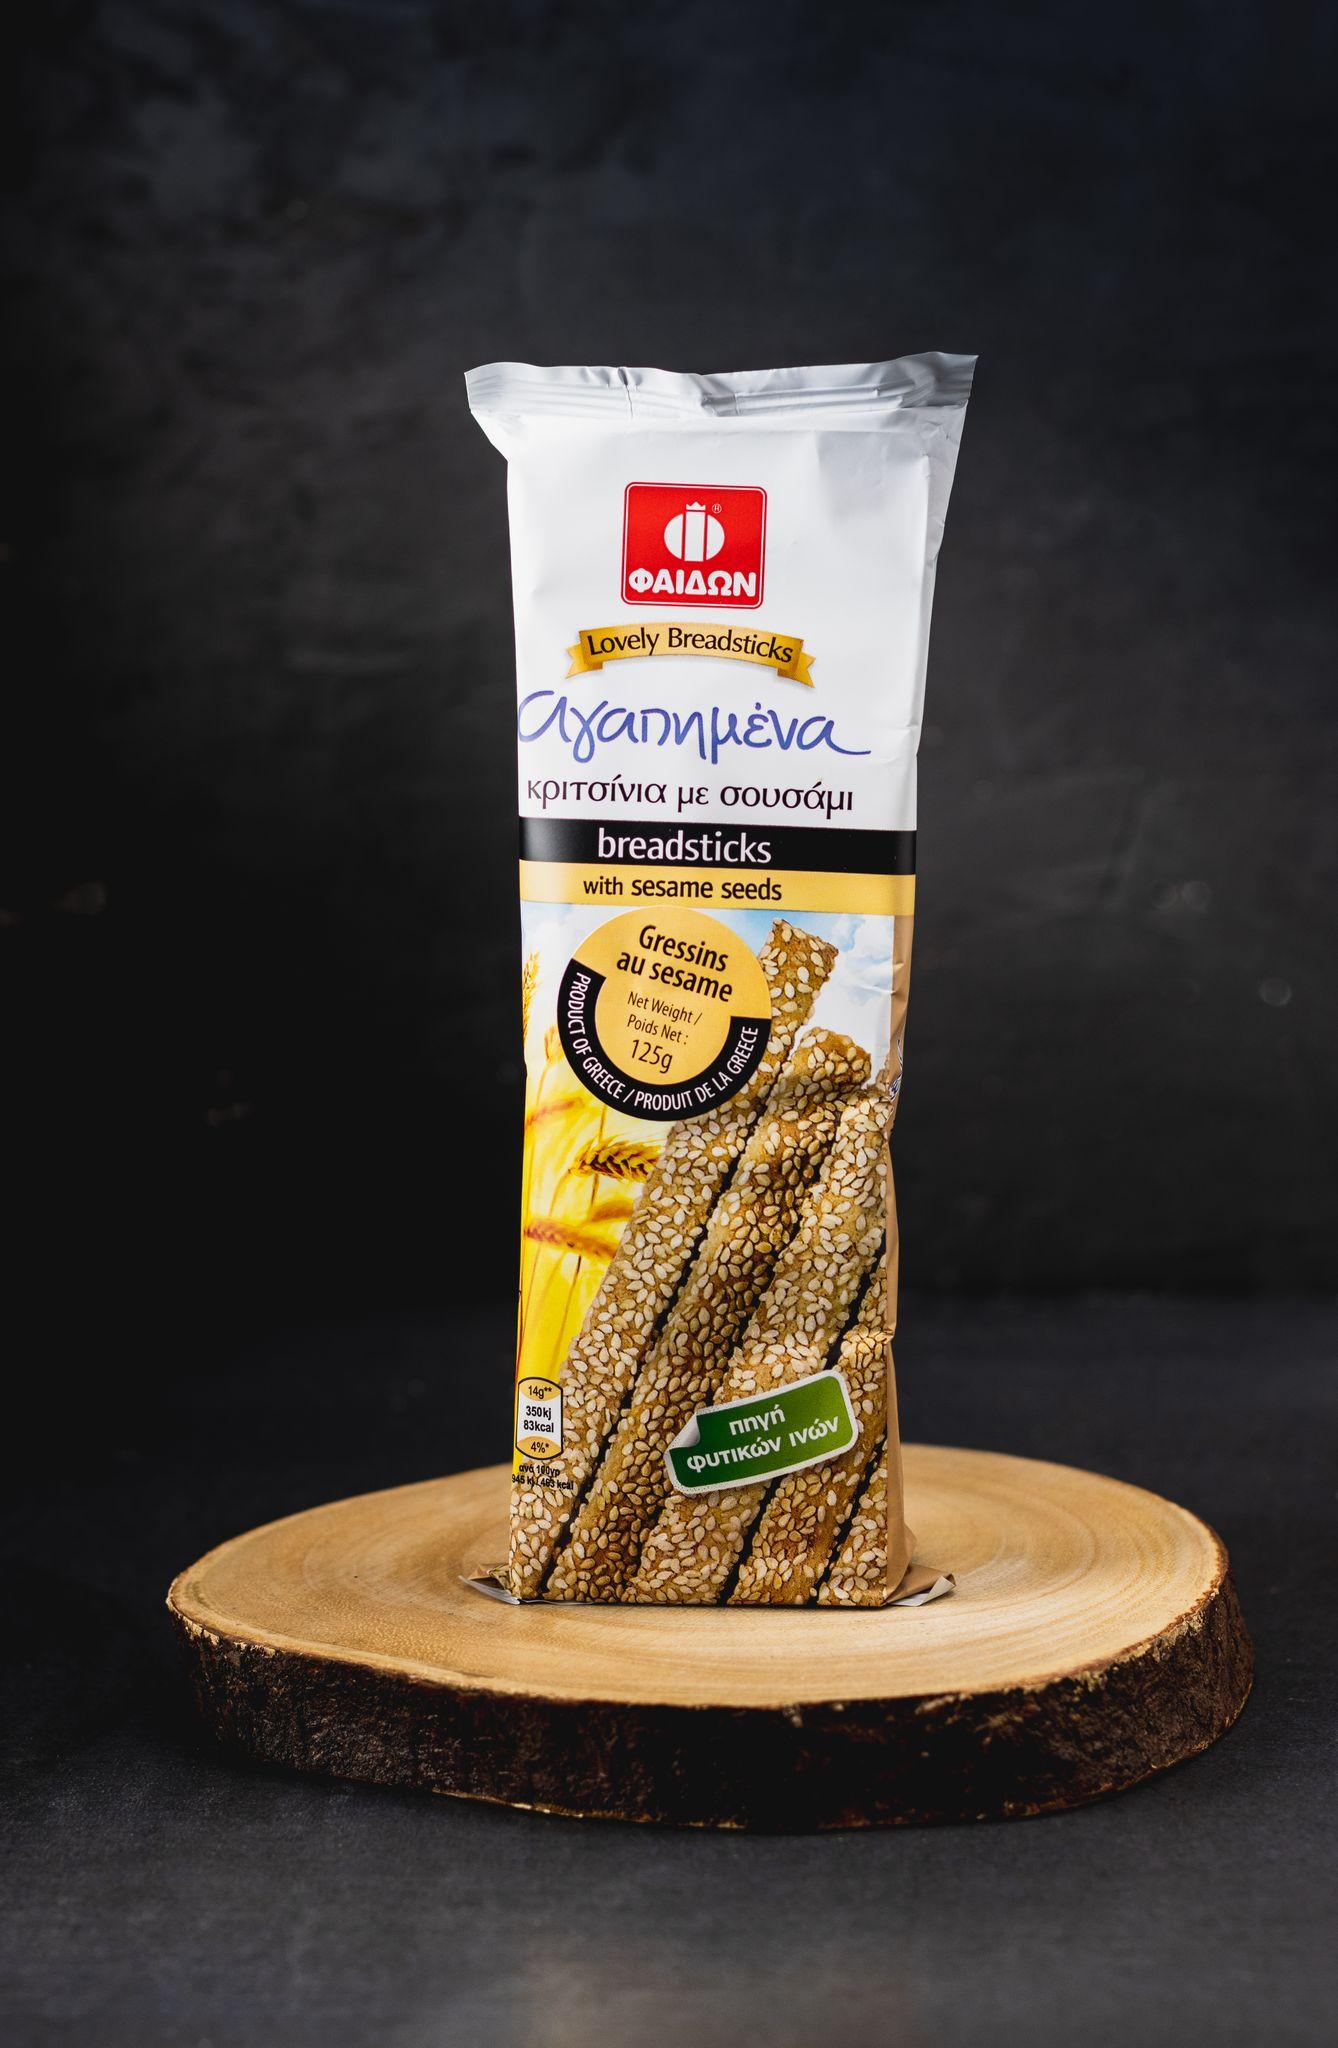 Faidon Breadsticks